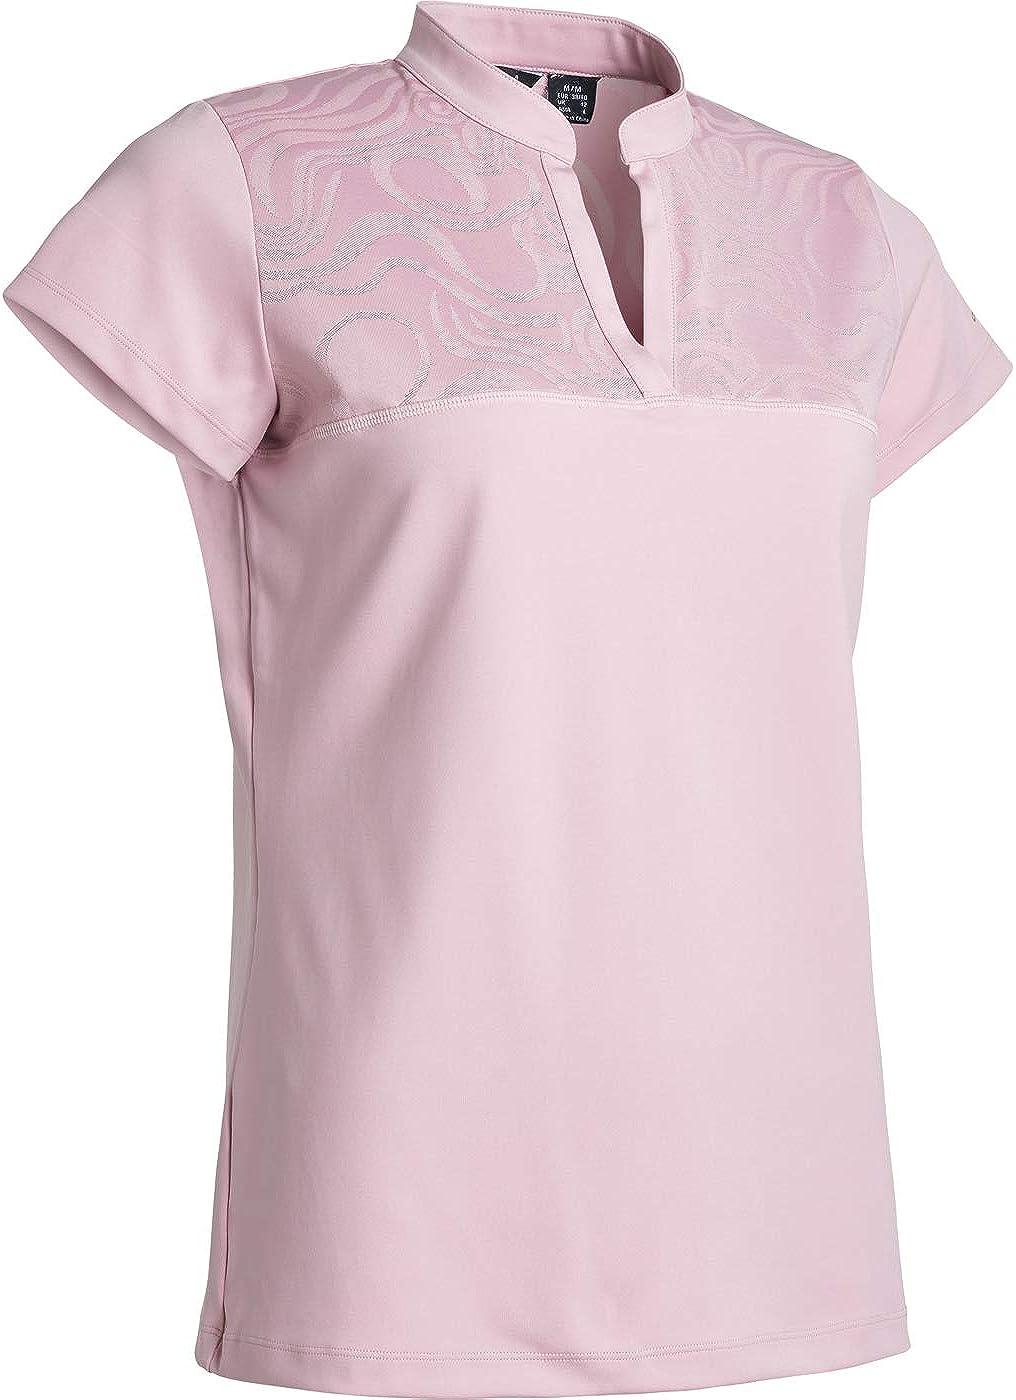 ランキング総合1位 ABACUS Sportswear Women's Golf Polo 贈与 for Women Shirts Shirt